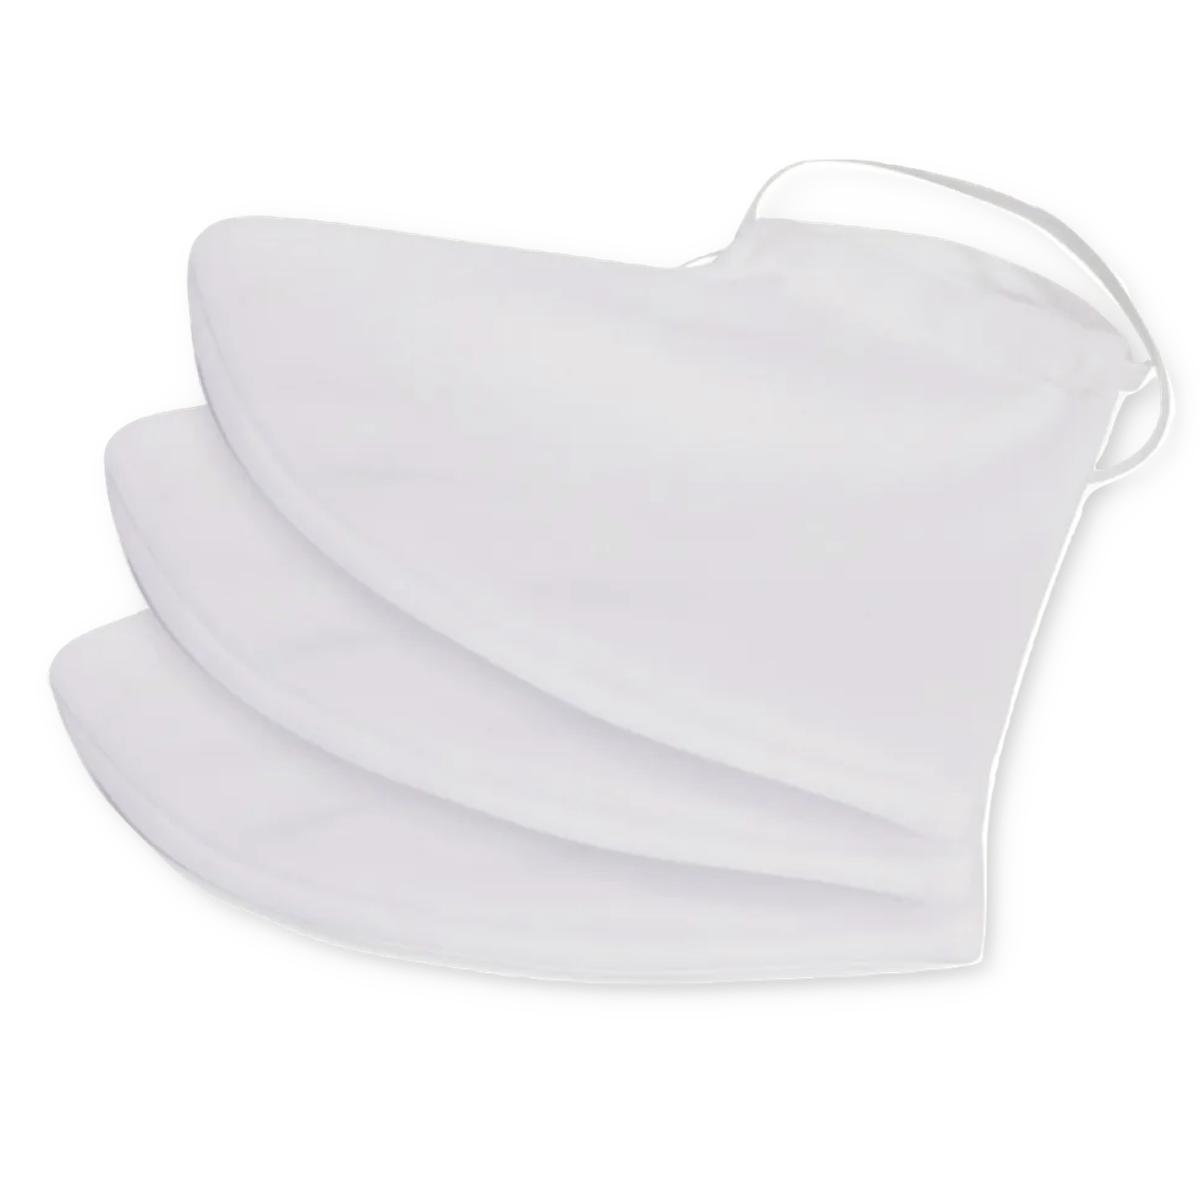 100 Unidades Máscara Tecido Duplo Lavável Reutilizável 100% Algodão Tricoline - Atacado